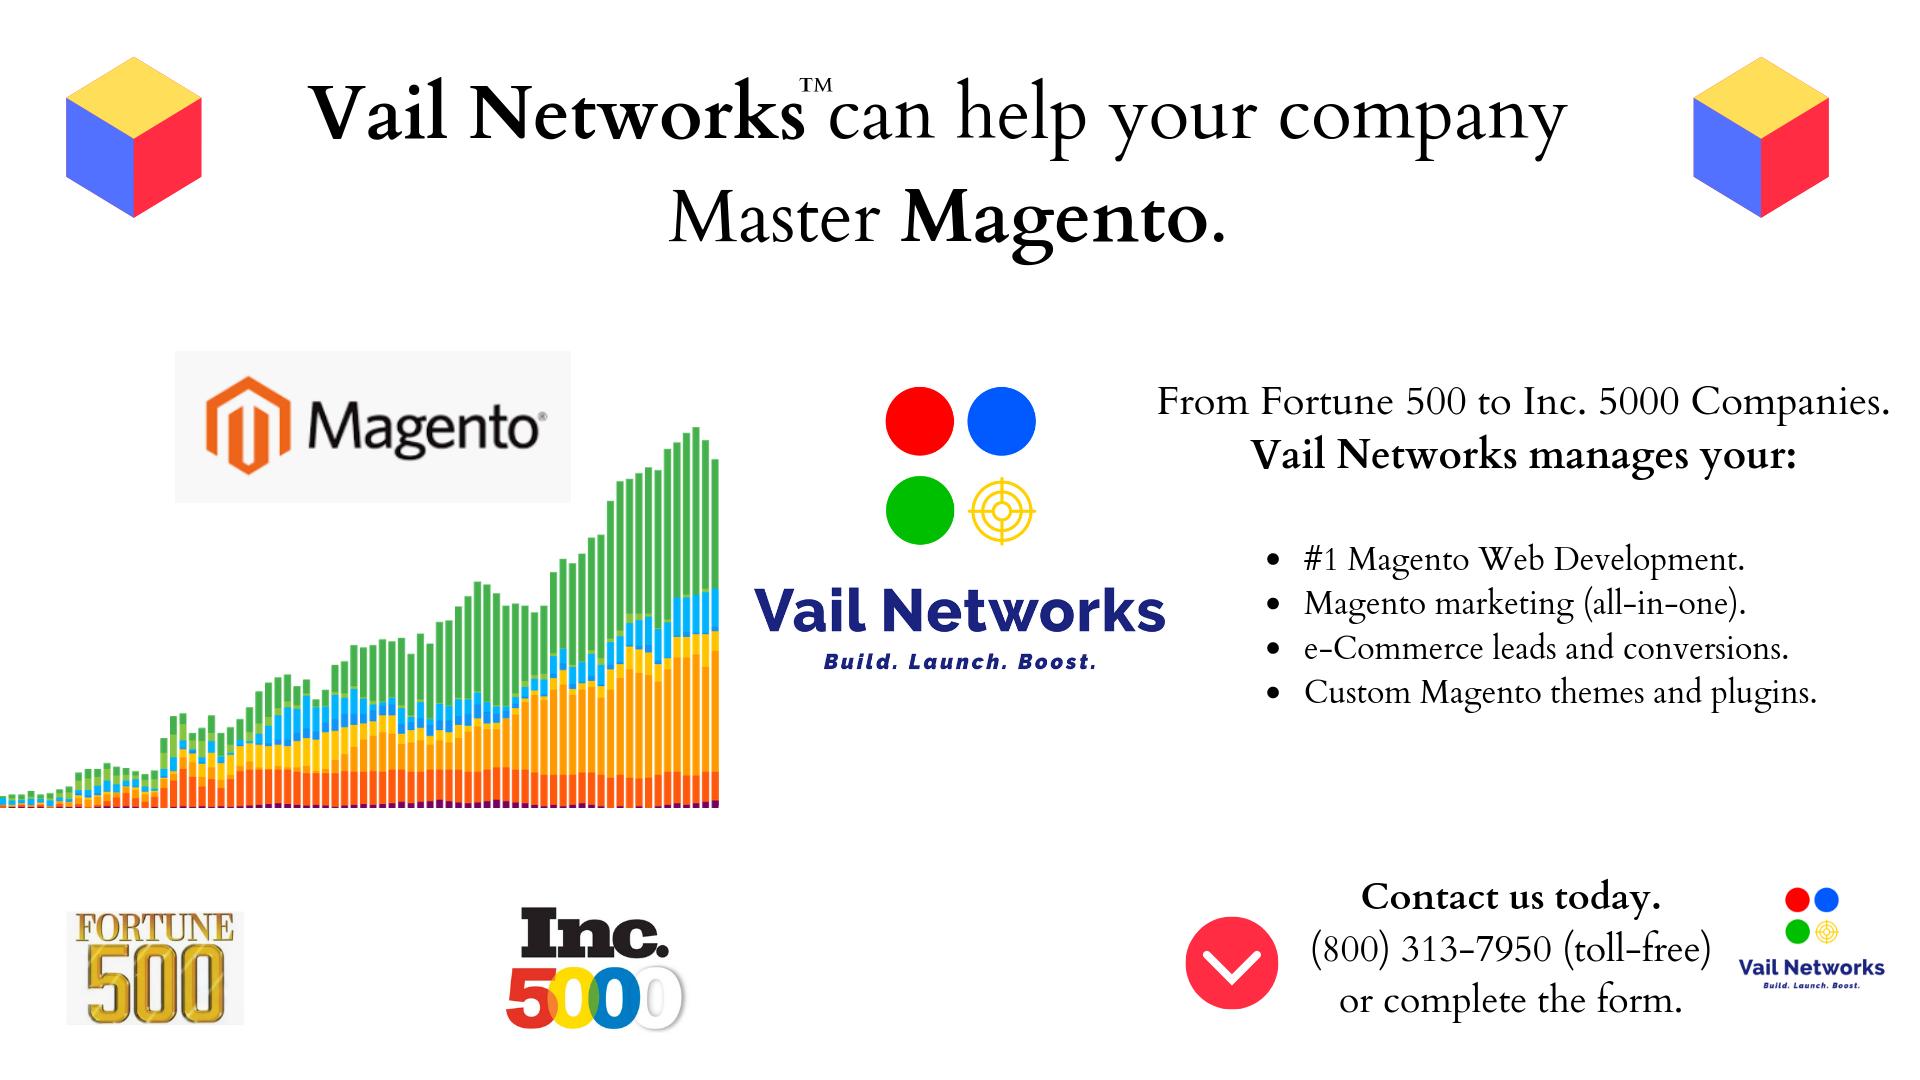 custom magento website development, design, and applications.